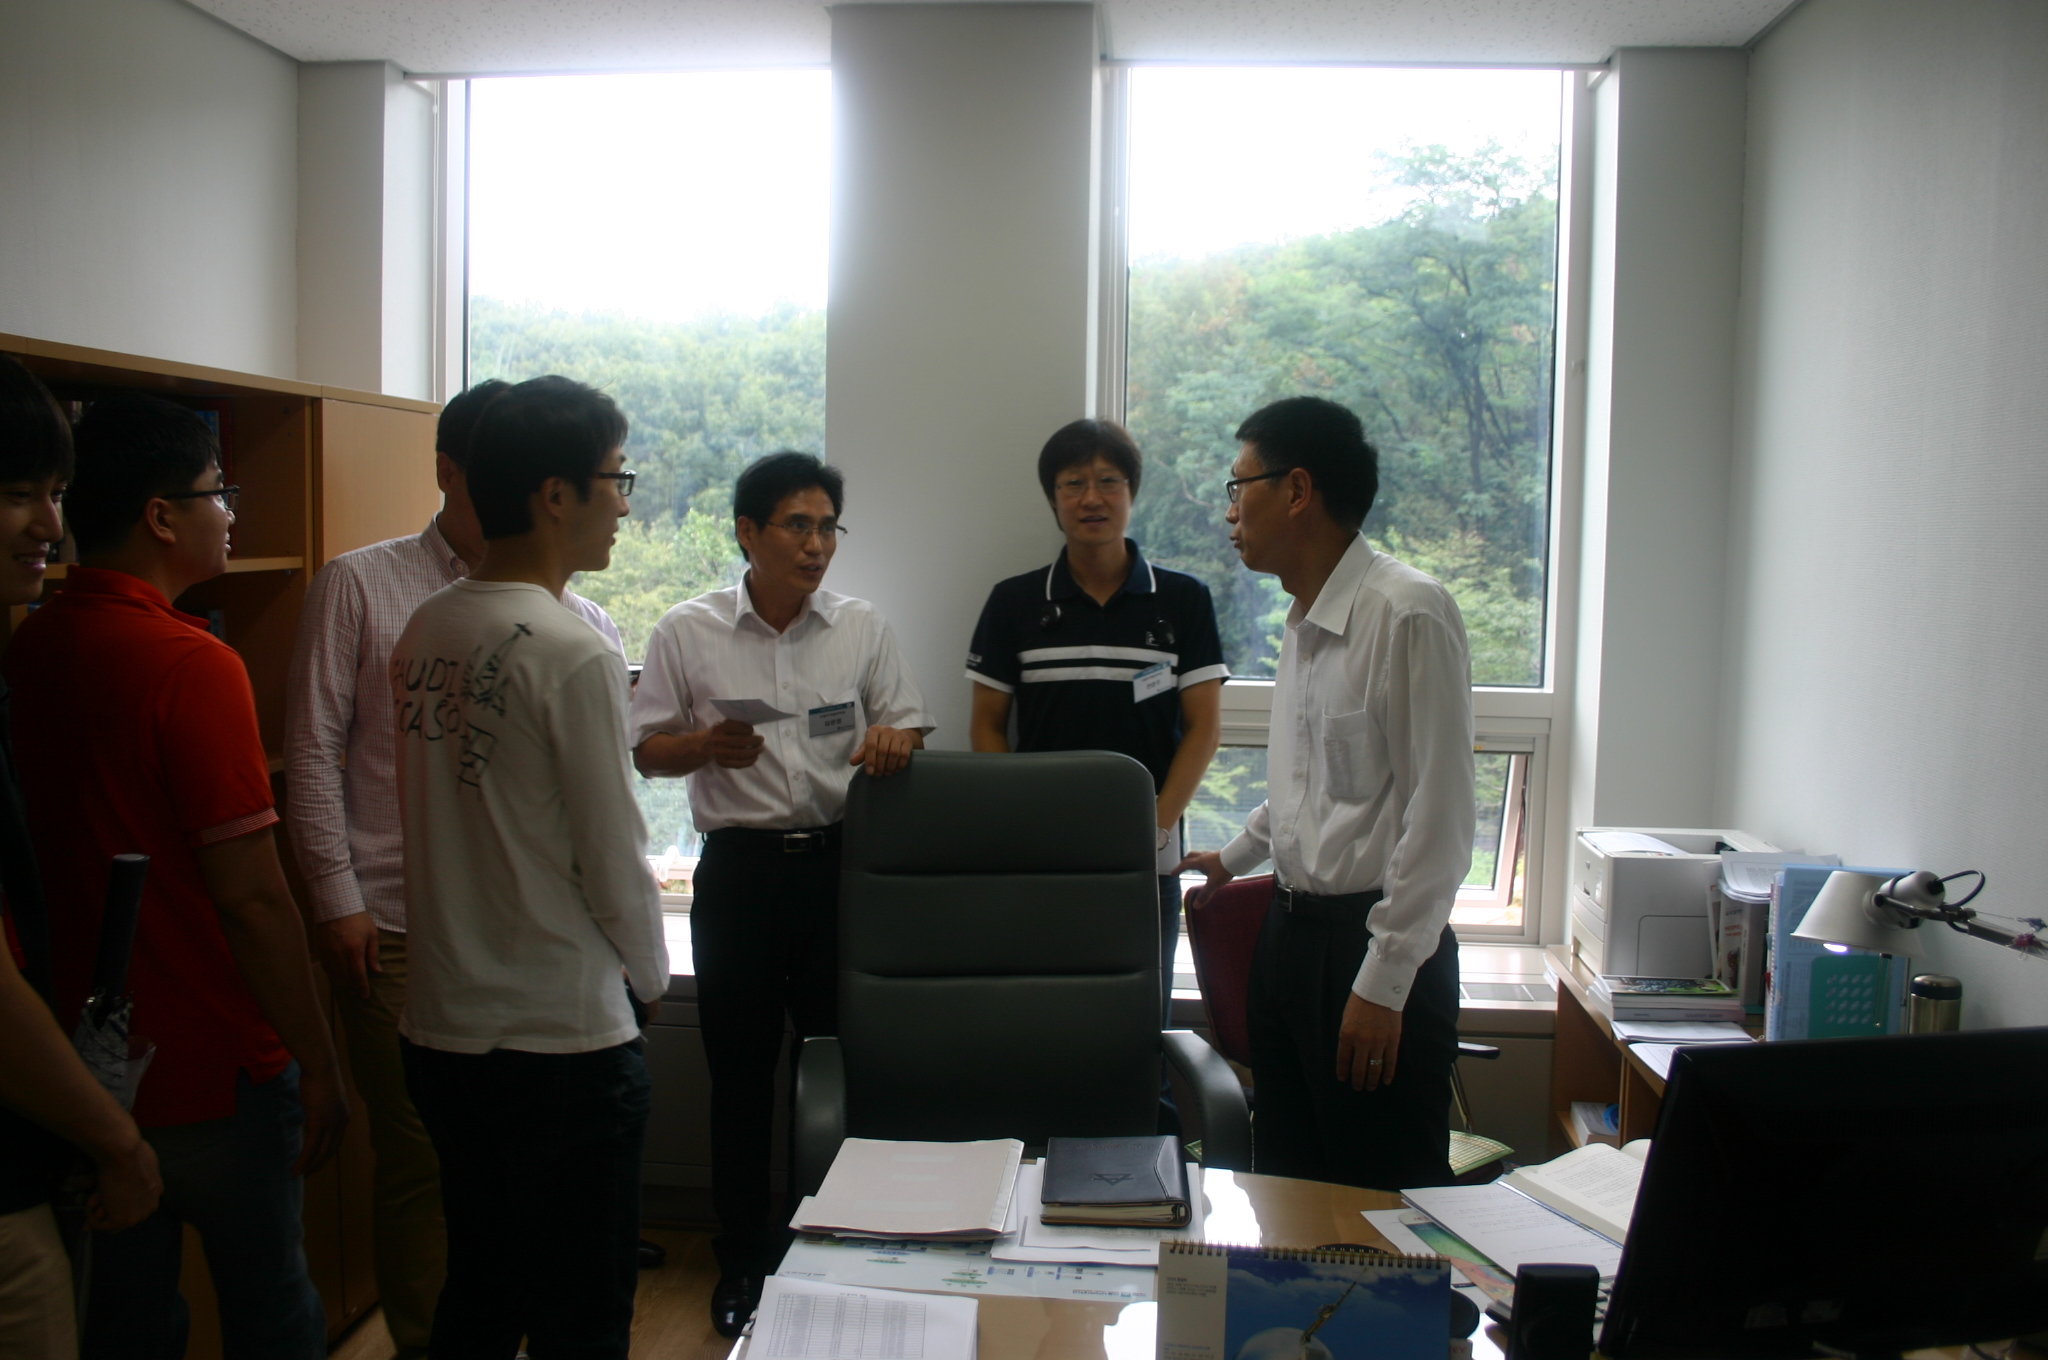 국제무역물류학과 캠퍼스투어(12년8월25일) 이미지